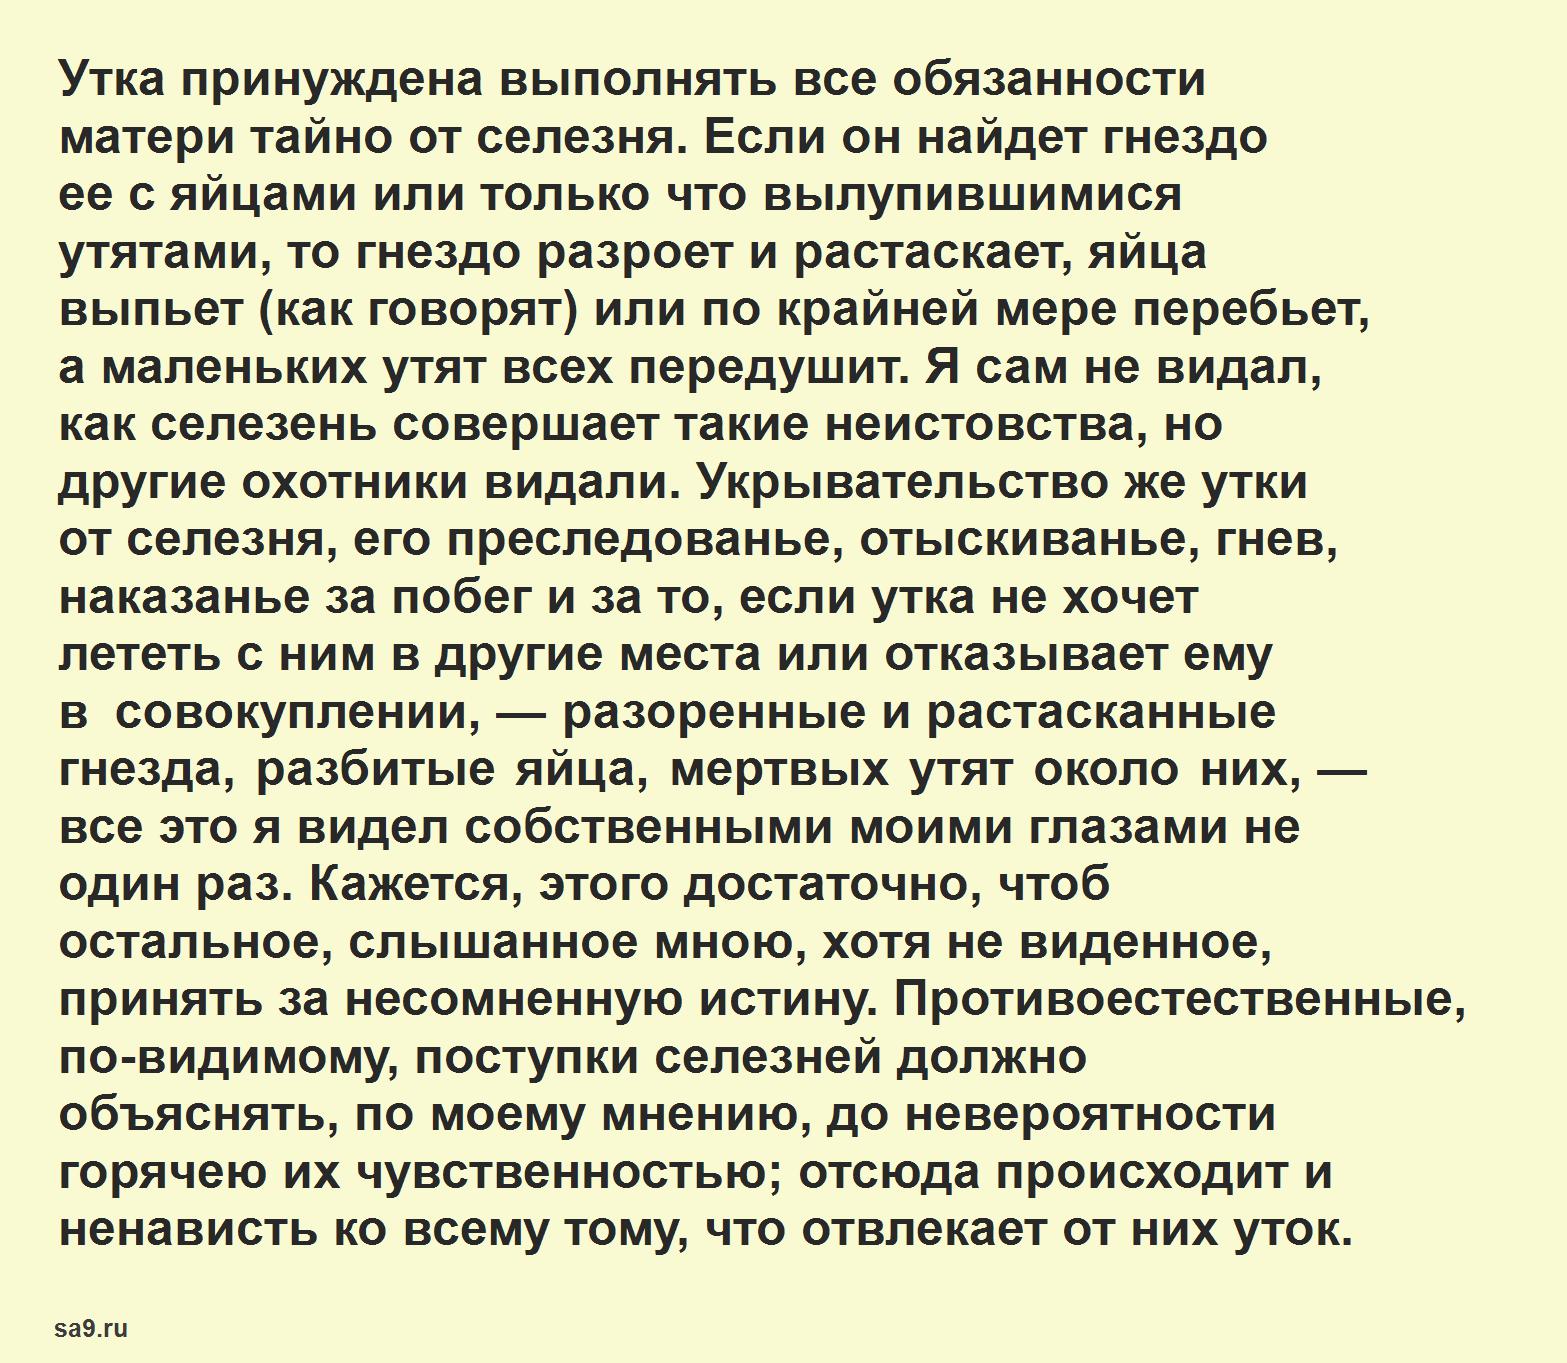 Рассказ Аксакова – Утки, читать онлайн бесплатно